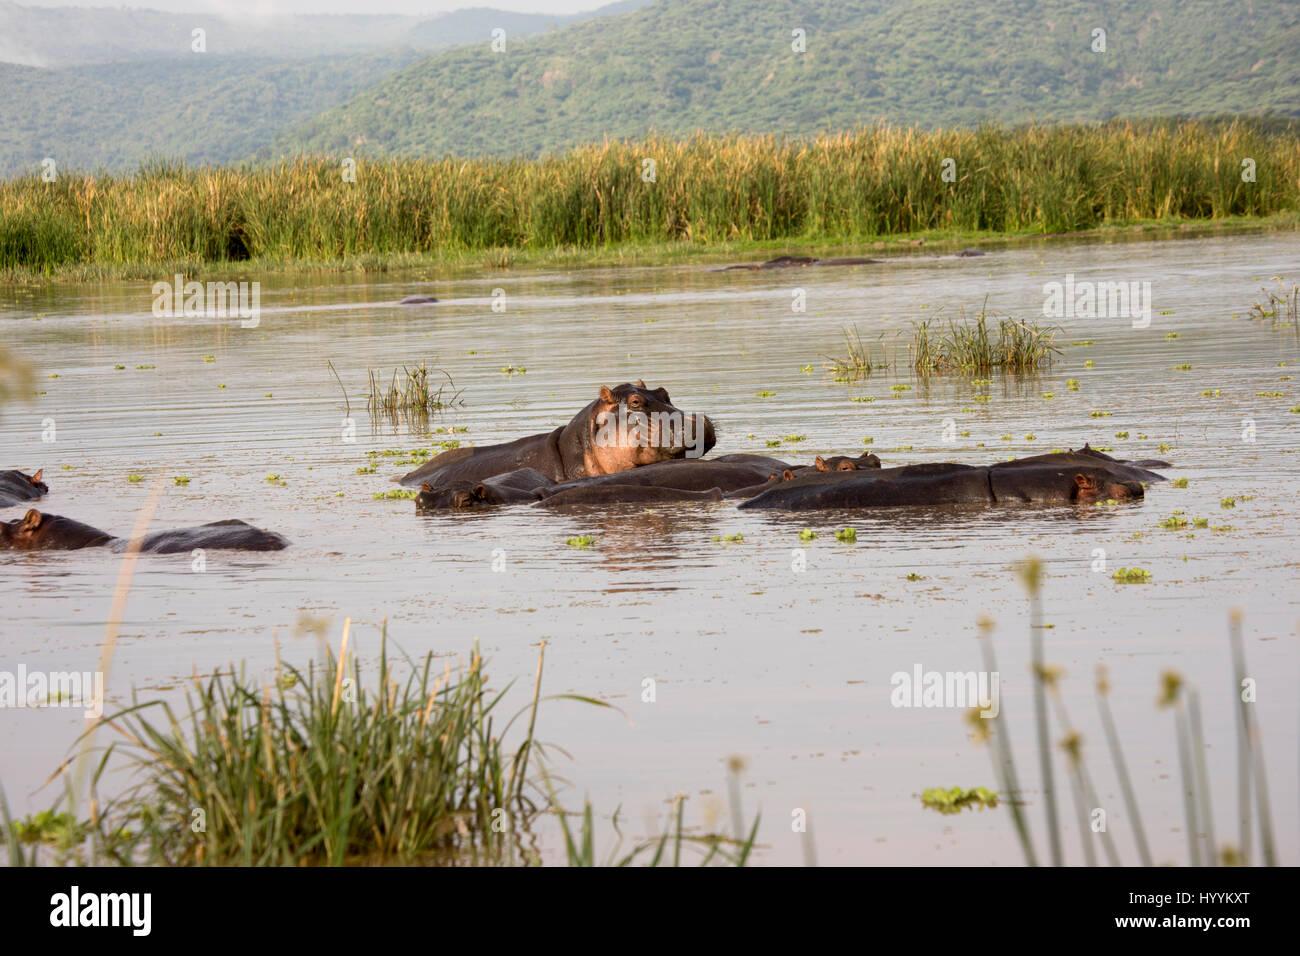 Partially submerged hippos in pool in Lake Manyara National Park, Tanzania, Africa. - Stock Image